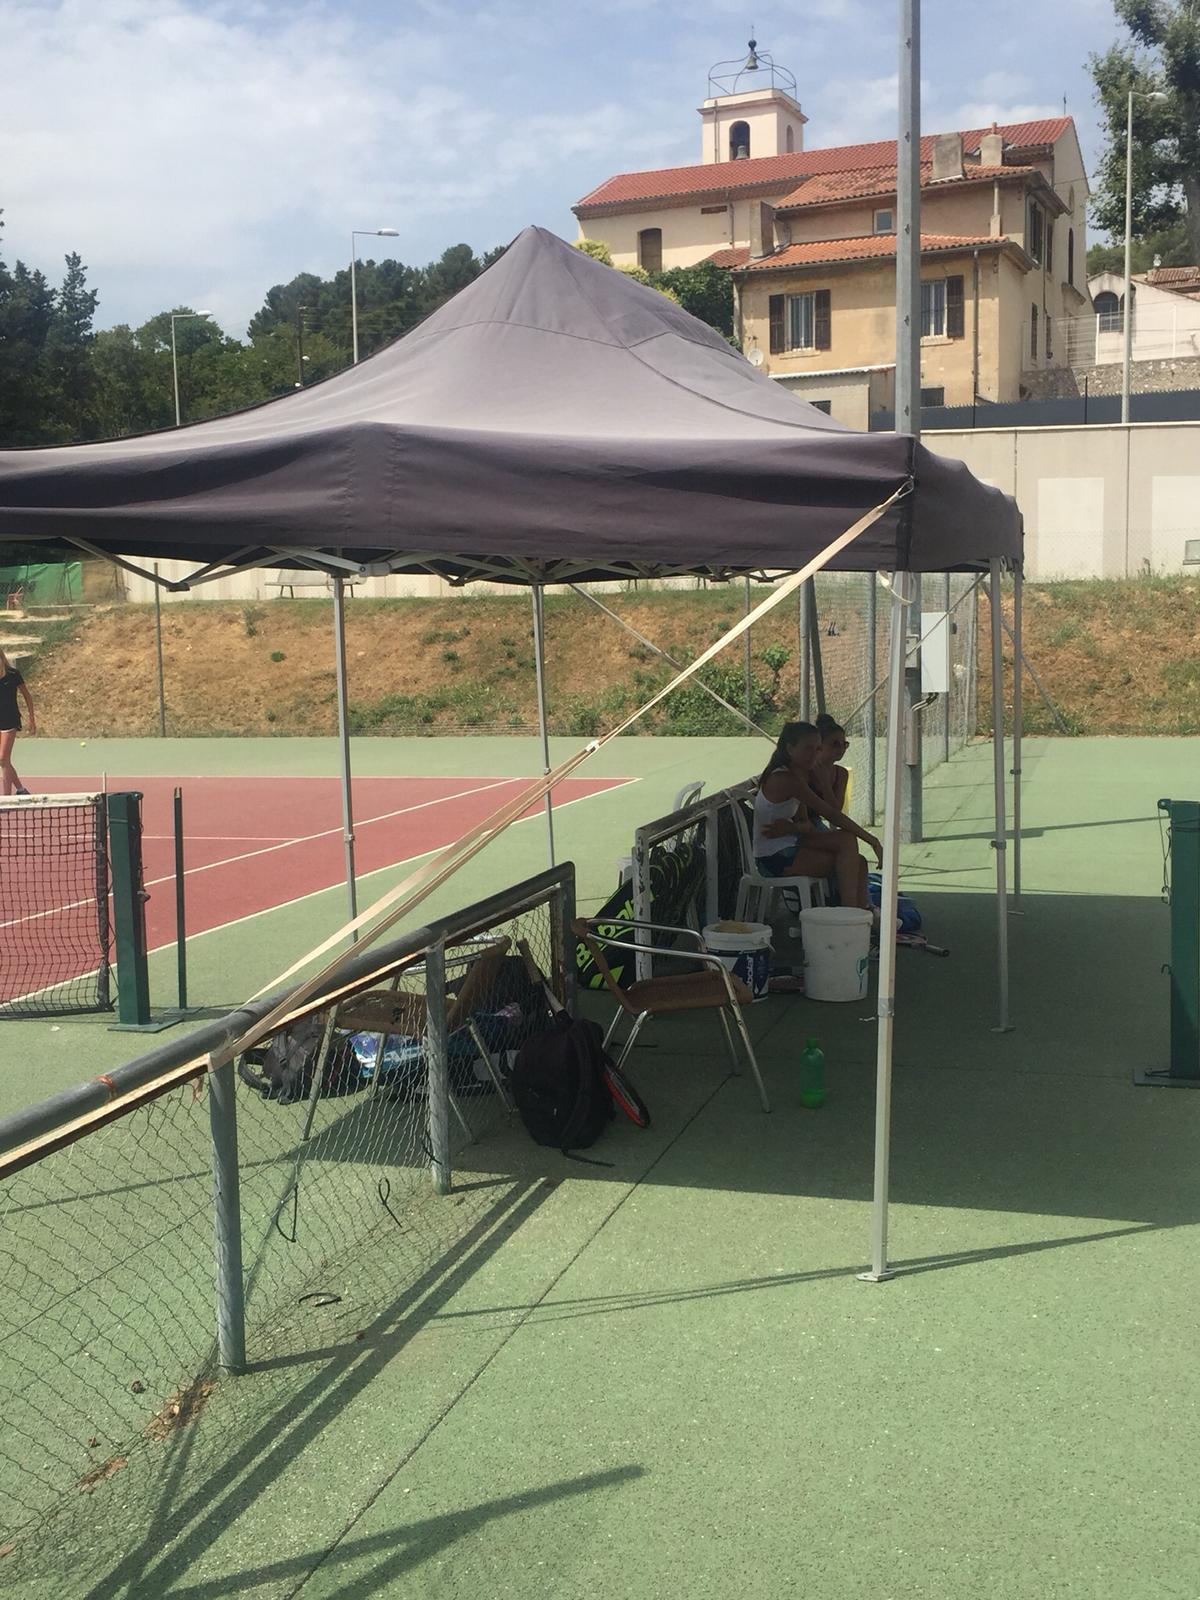 ecole de tennis du park - les accates - olivier launo 19